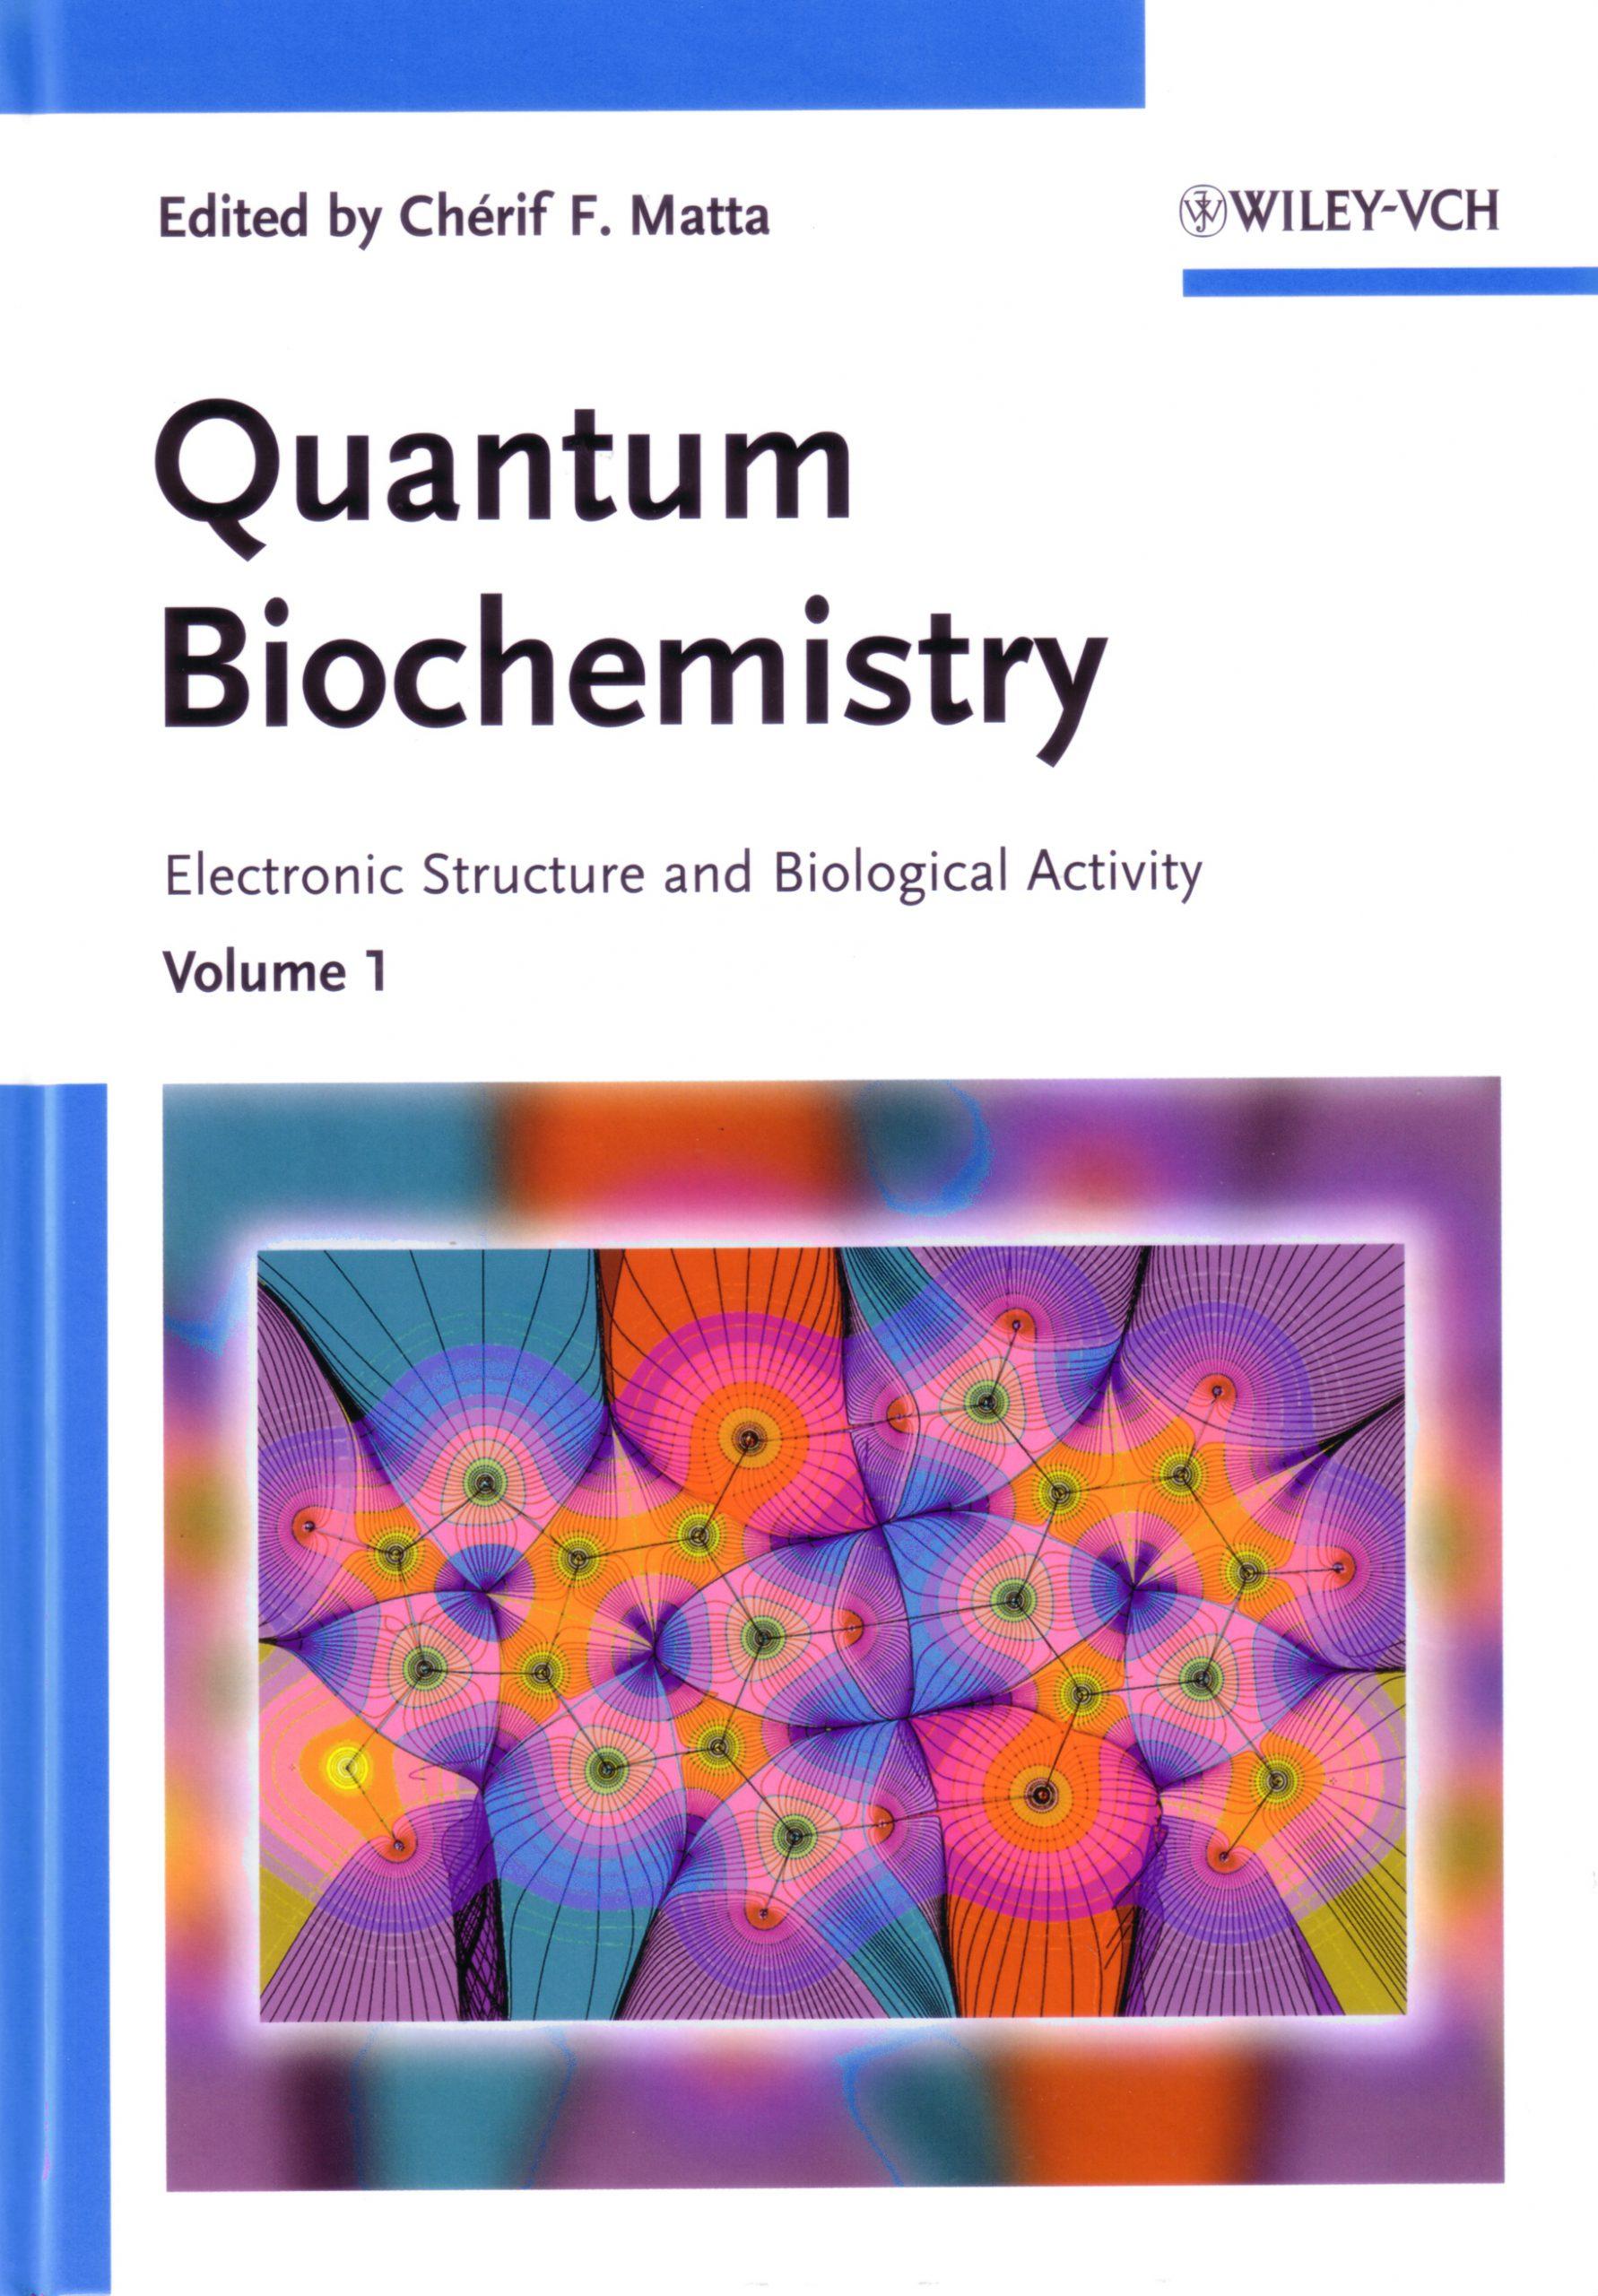 QuantumBiochem_Cover